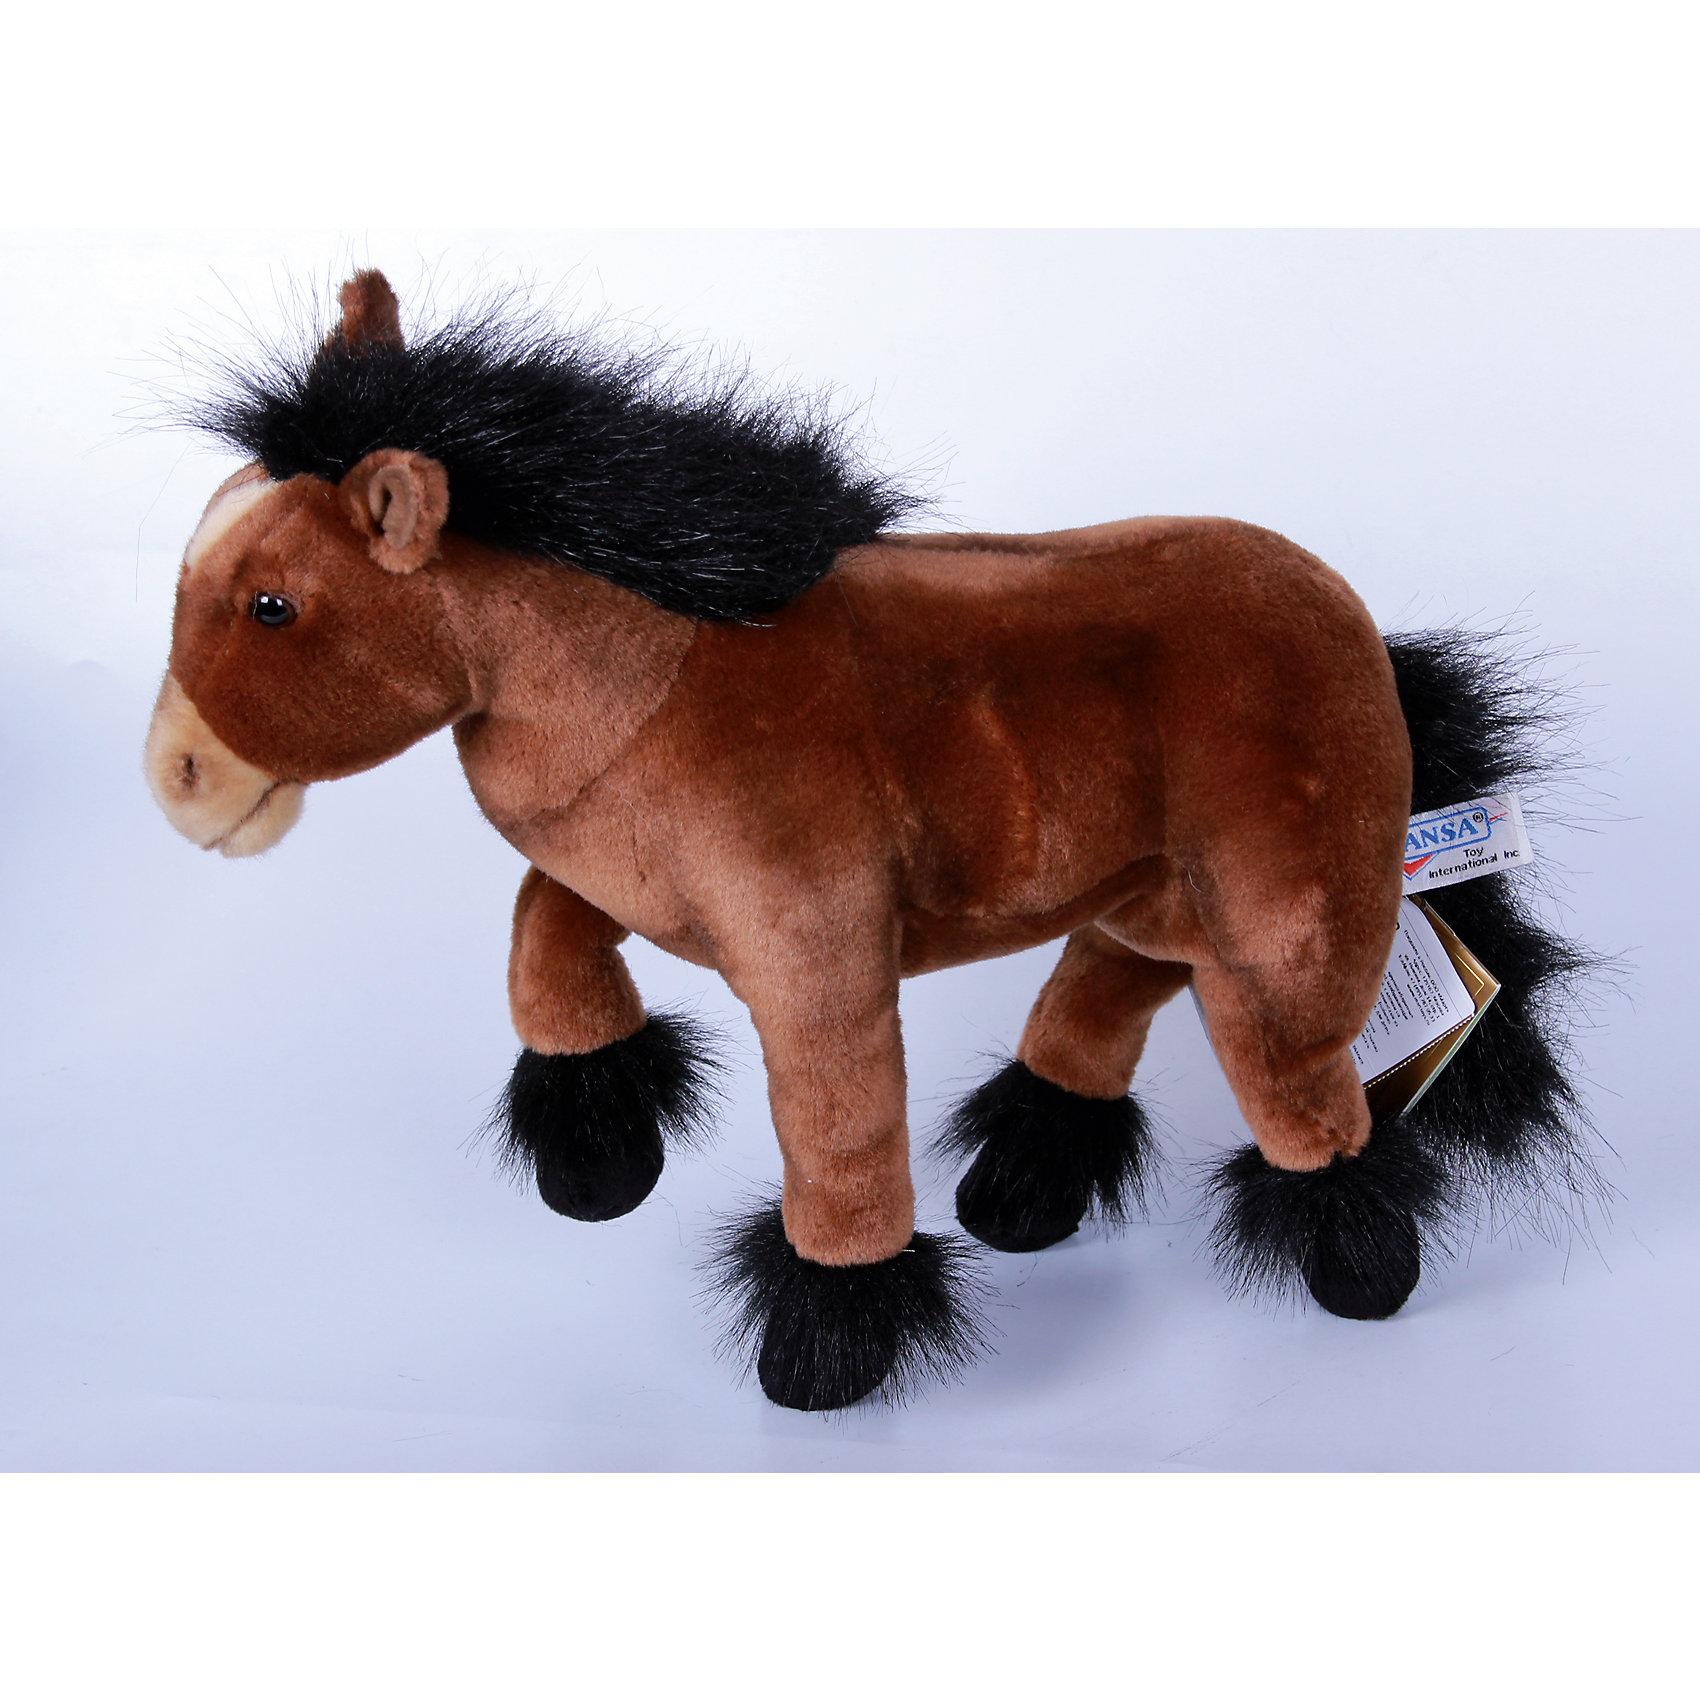 Пони шоколадно-коричневый, 36 см, HansaHansa  - мировой лидер по производству  натуралистичных, максимально похожих на настоящих животных, мягких игрушек. <br>Ханса воссоздает  экстерьер и окрас животных, фактуру шерсти, характерные позы и даже характер. <br>Благодаря своей реалистичности, игрушки HANSA позволяют любоваться дикими животными, сохраняя их жизнь.<br><br>Ширина мм: 360<br>Глубина мм: 120<br>Высота мм: 300<br>Вес г: 720<br>Возраст от месяцев: 36<br>Возраст до месяцев: 2147483647<br>Пол: Унисекс<br>Возраст: Детский<br>SKU: 5503276